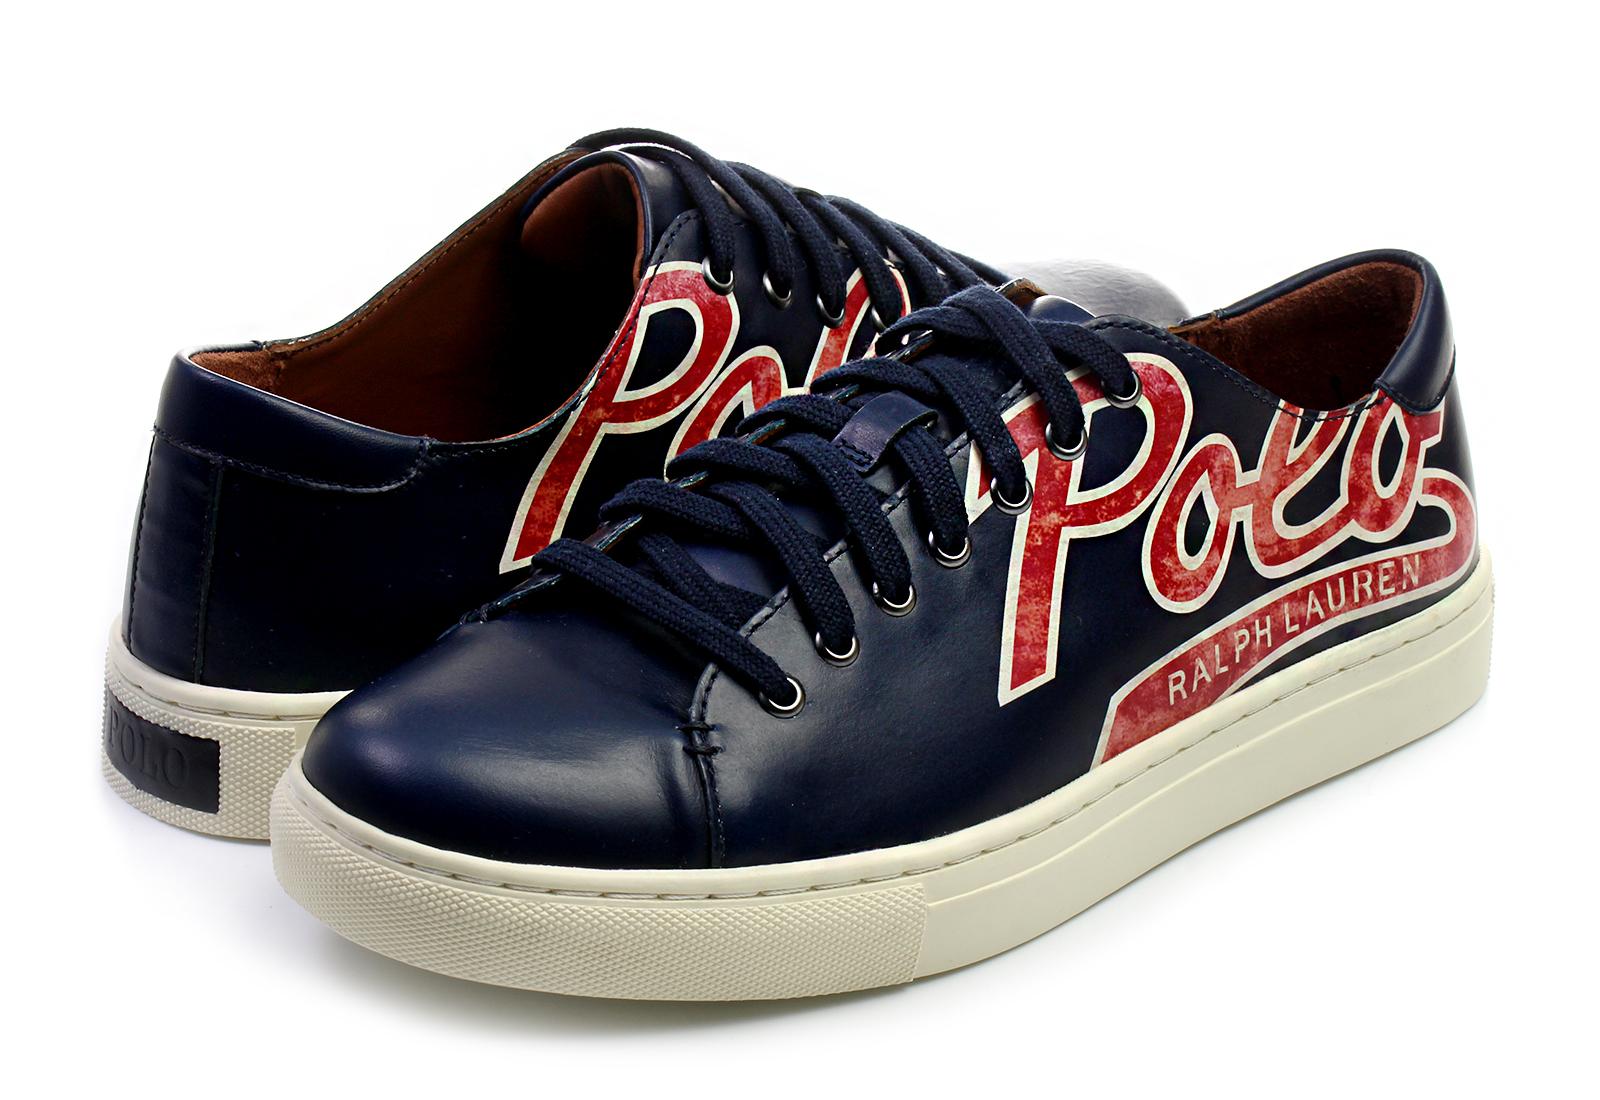 a0c99be1ec Polo Ralph Lauren Shoes - Jermain - 803691244002 - Online shop for ...